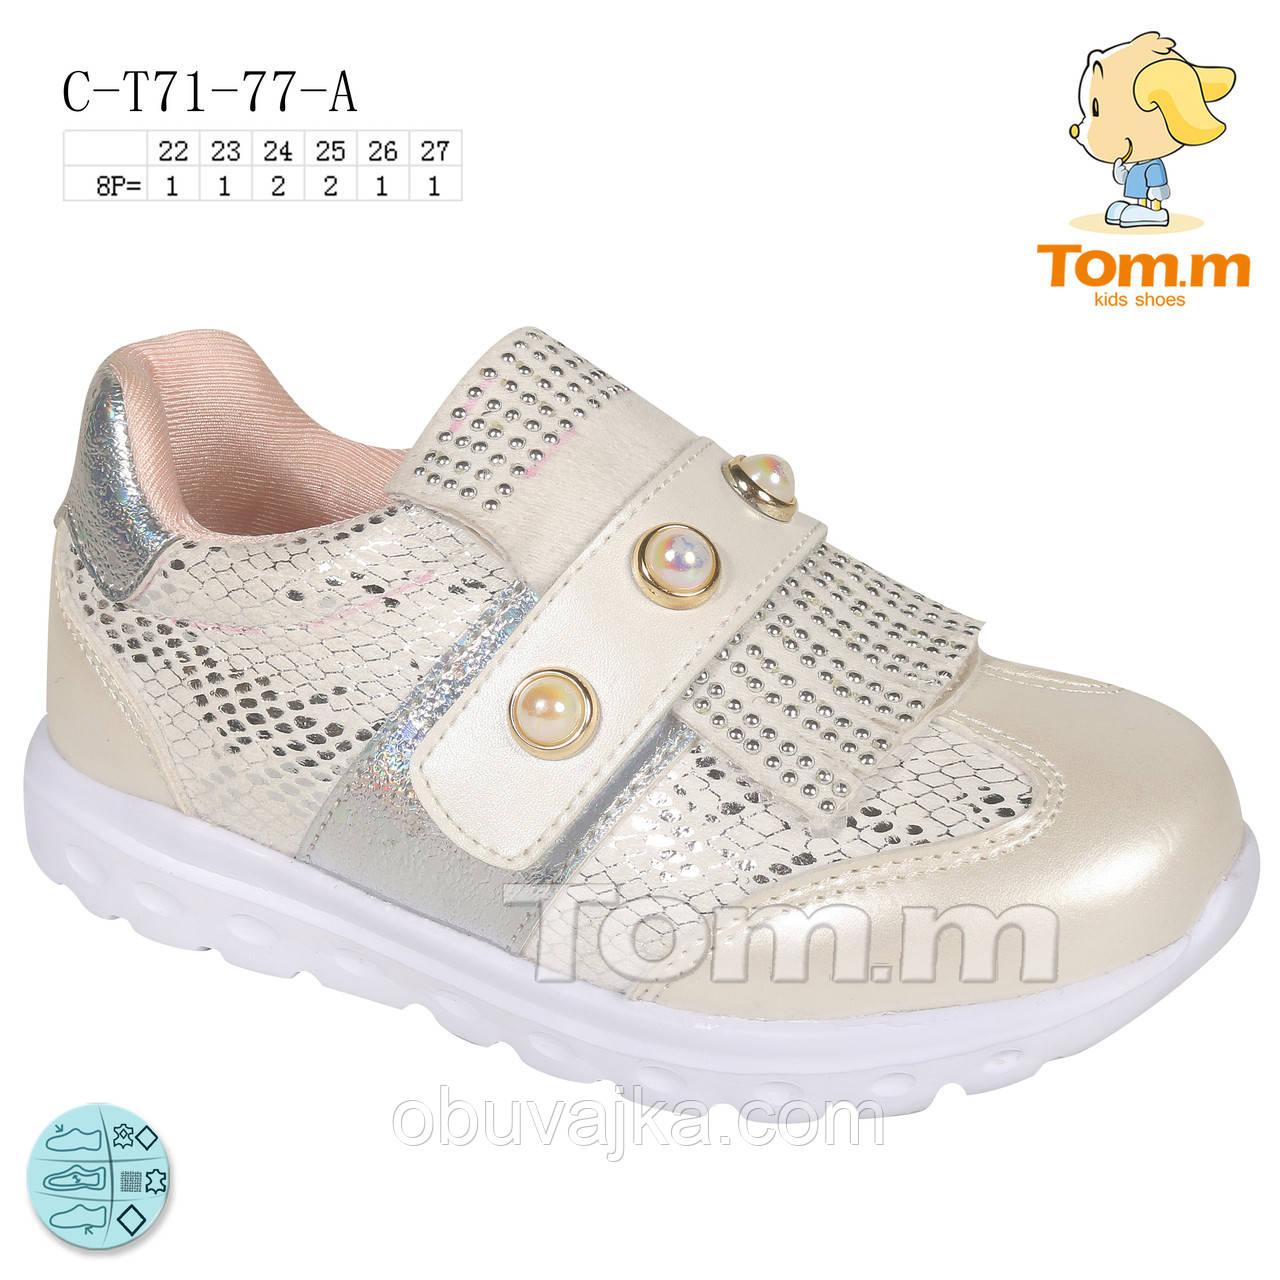 Спортивная обувь оптом Детские кроссовки 2020 оптом от фирмы Tom m(22-27)